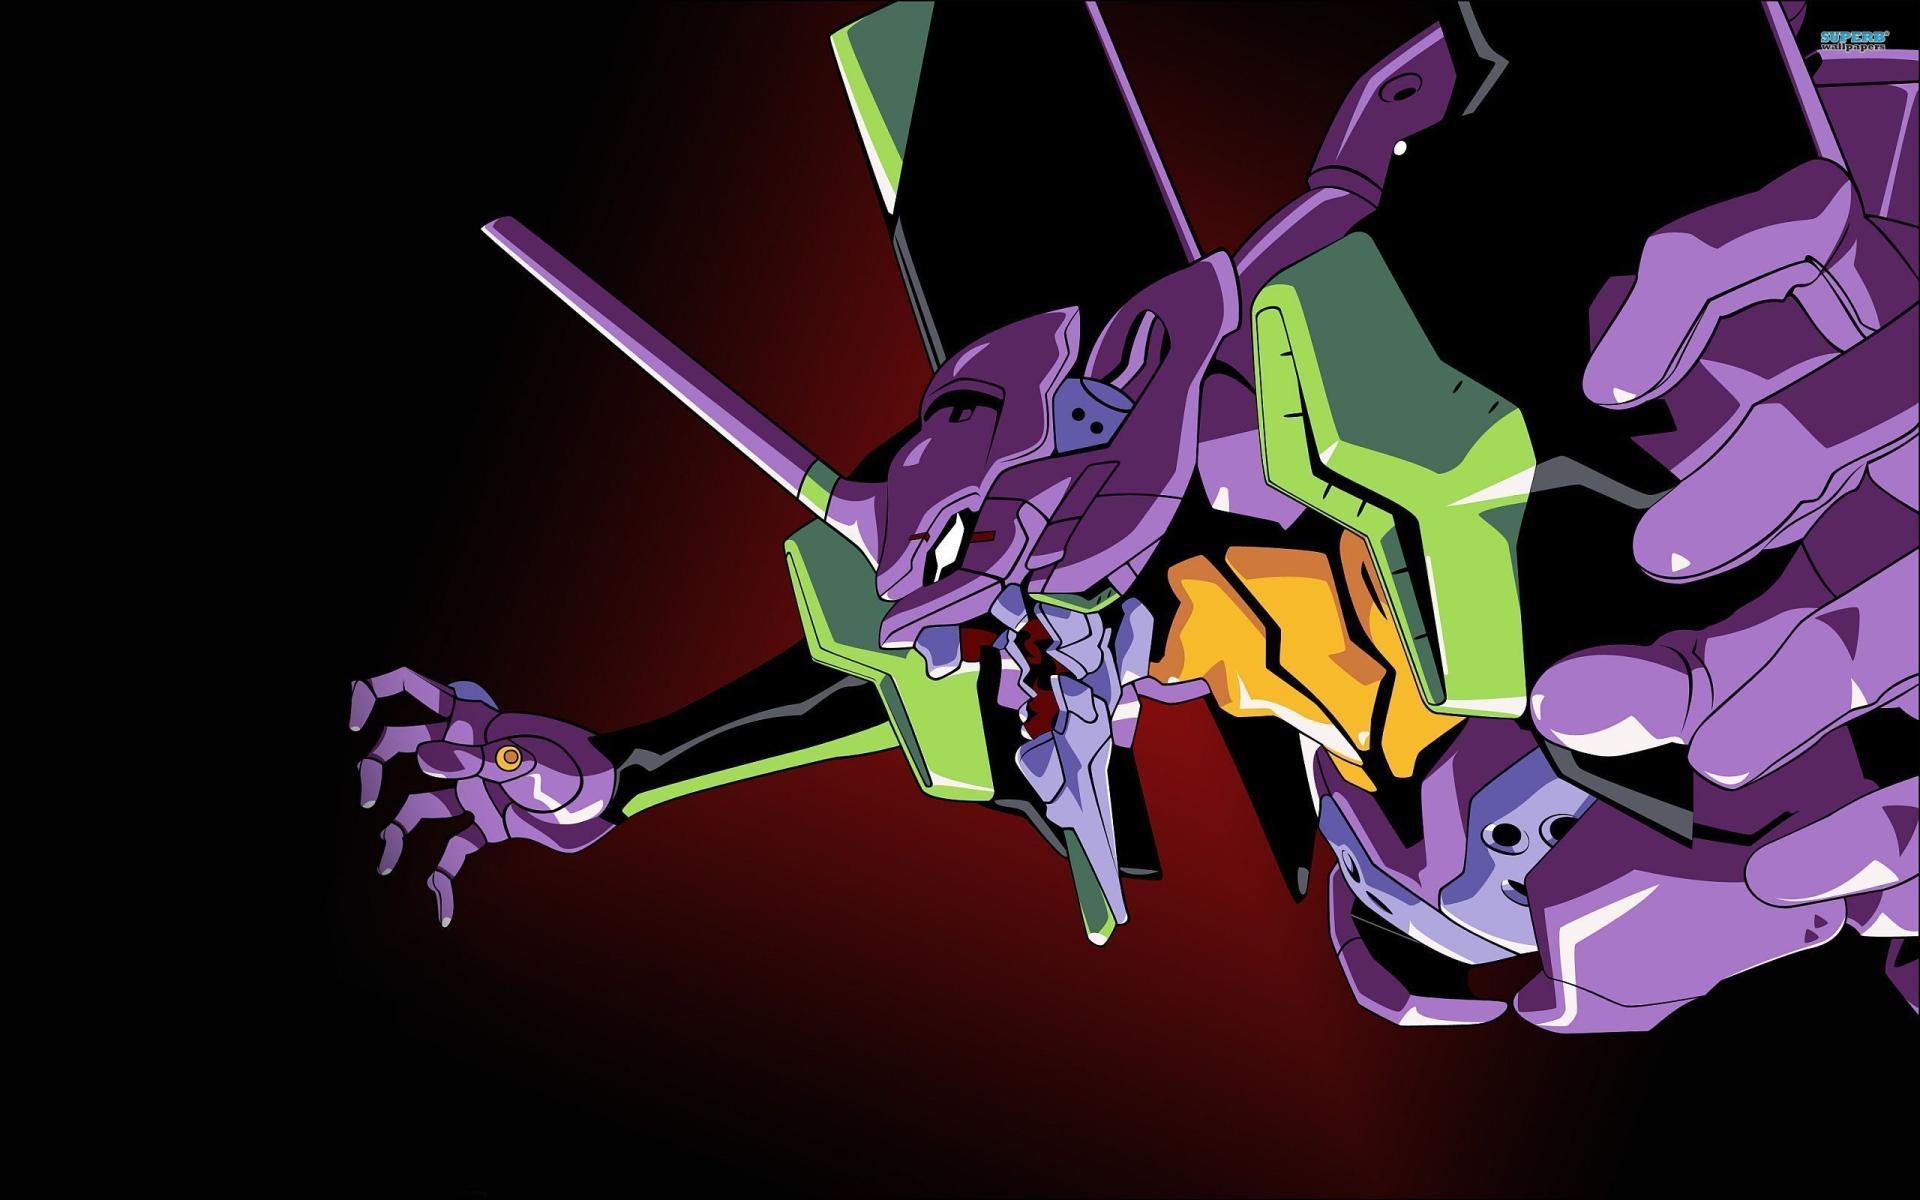 «Evangelion» a marqué un tournant dans l'histoire des séries mettant en scène des«mecha», ces gigantesques robots.